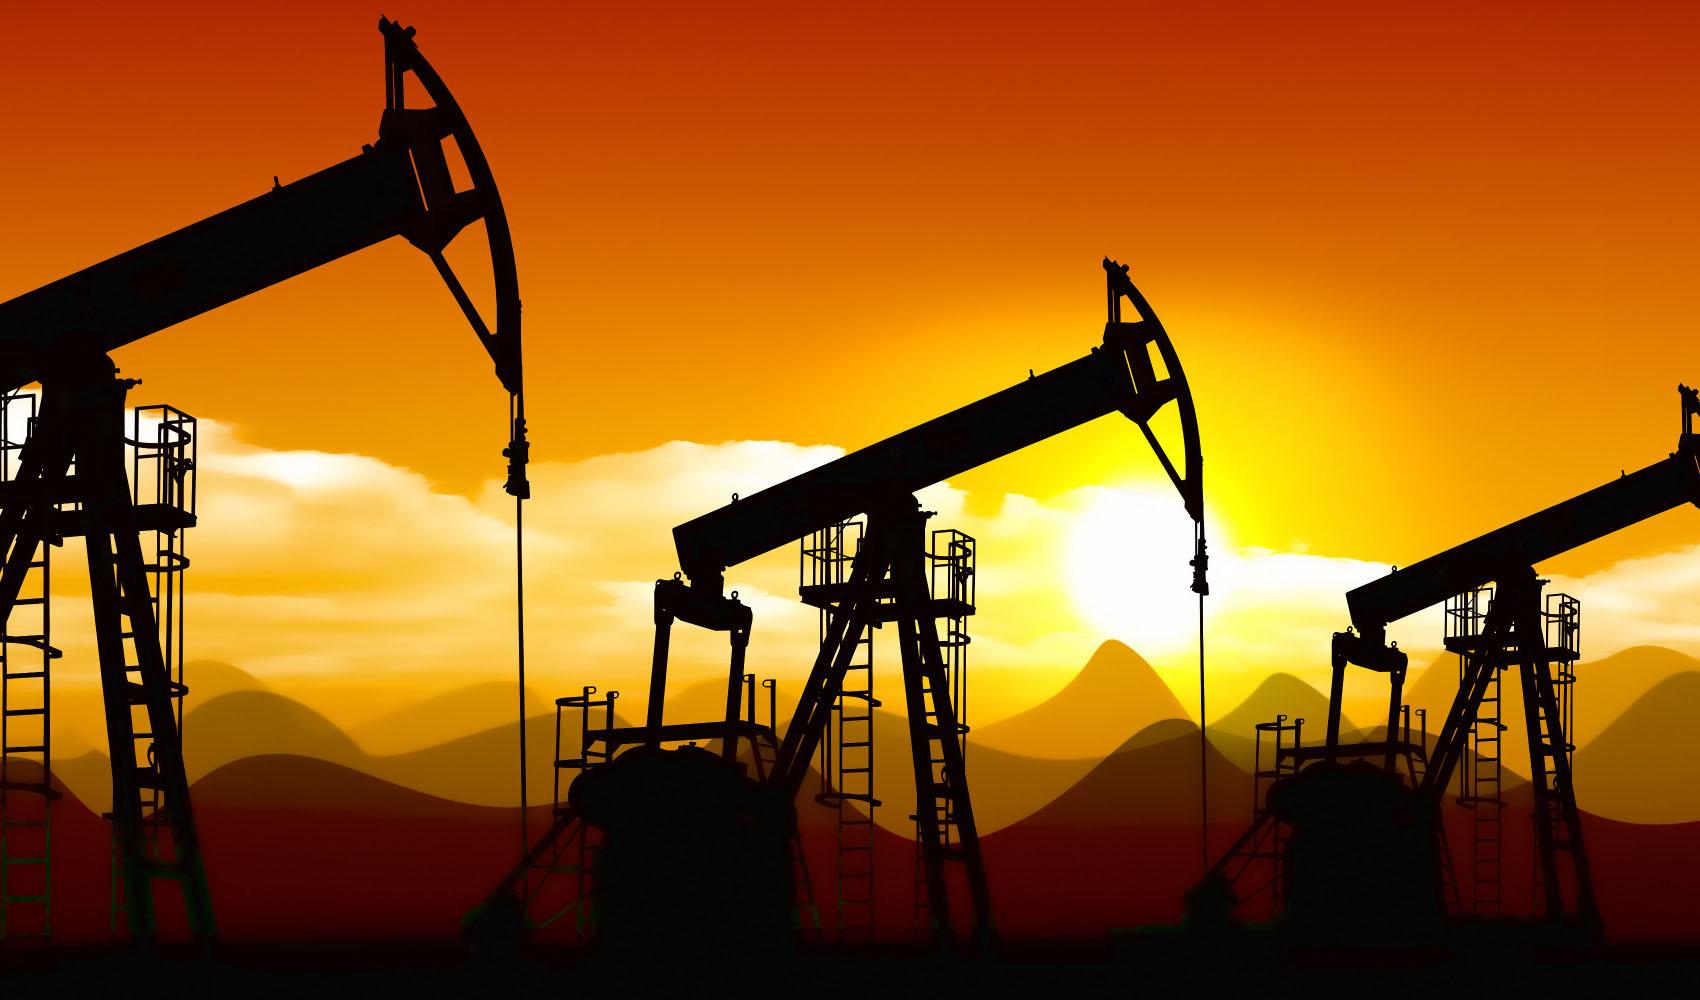 قیمت جهانی نفت خام به مرز ۸۶ دلار رسید